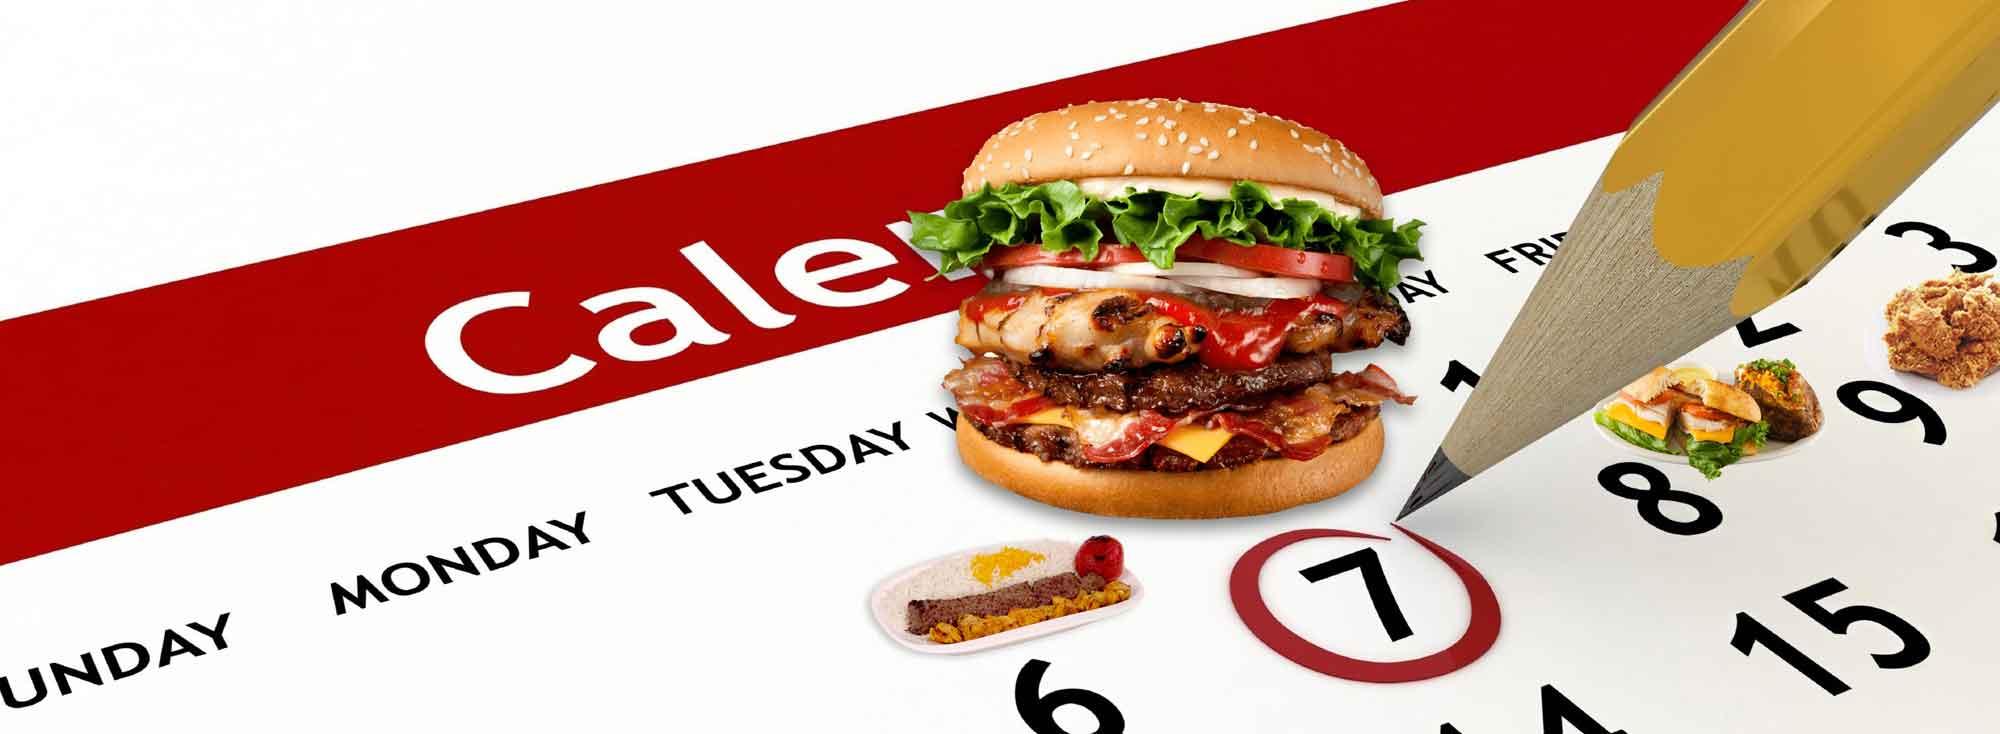 تقویم خوراکی یعنی : هر روز یک غذای جدید.